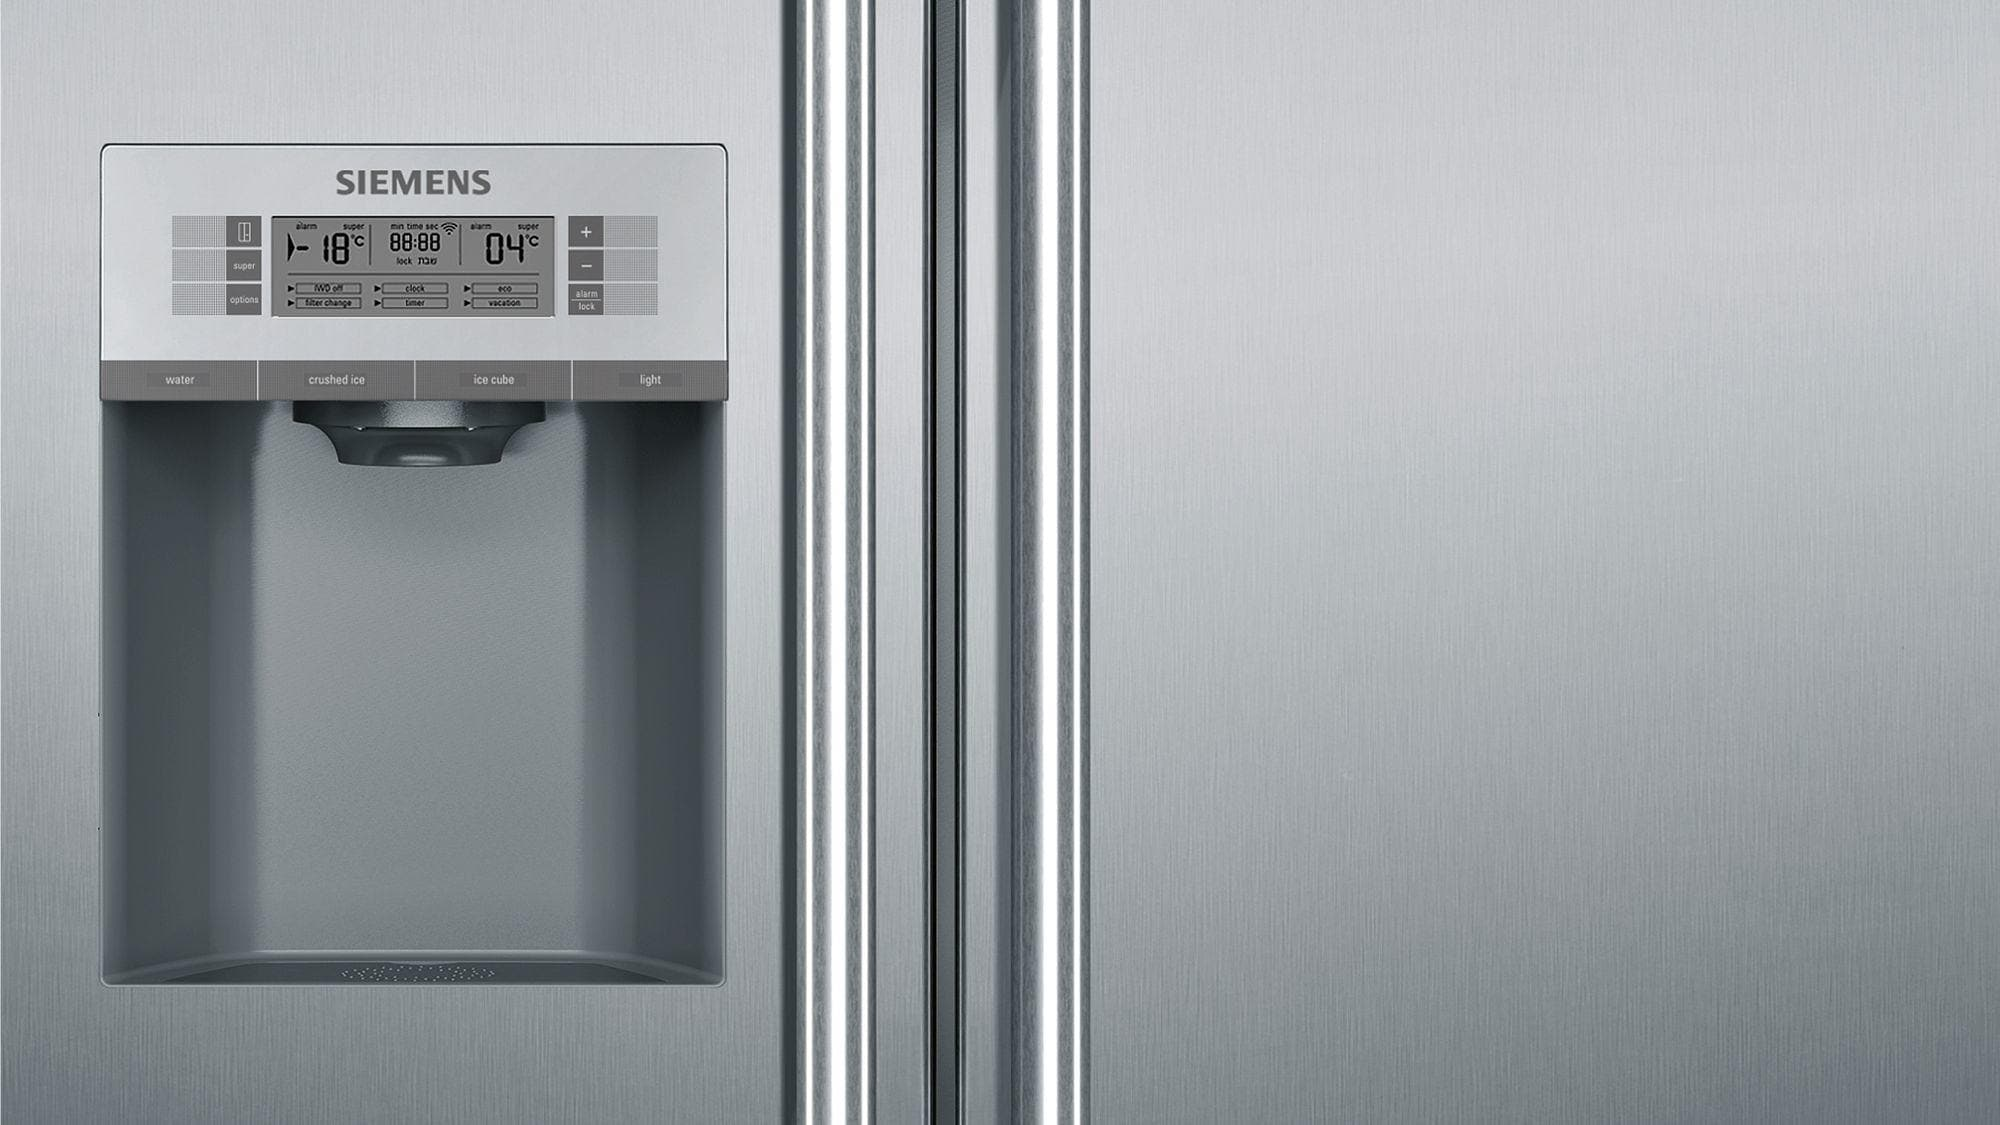 Siemens Kühlschrank Home Connect Einrichten : Siemens ka dai a side by side kombination mm breit